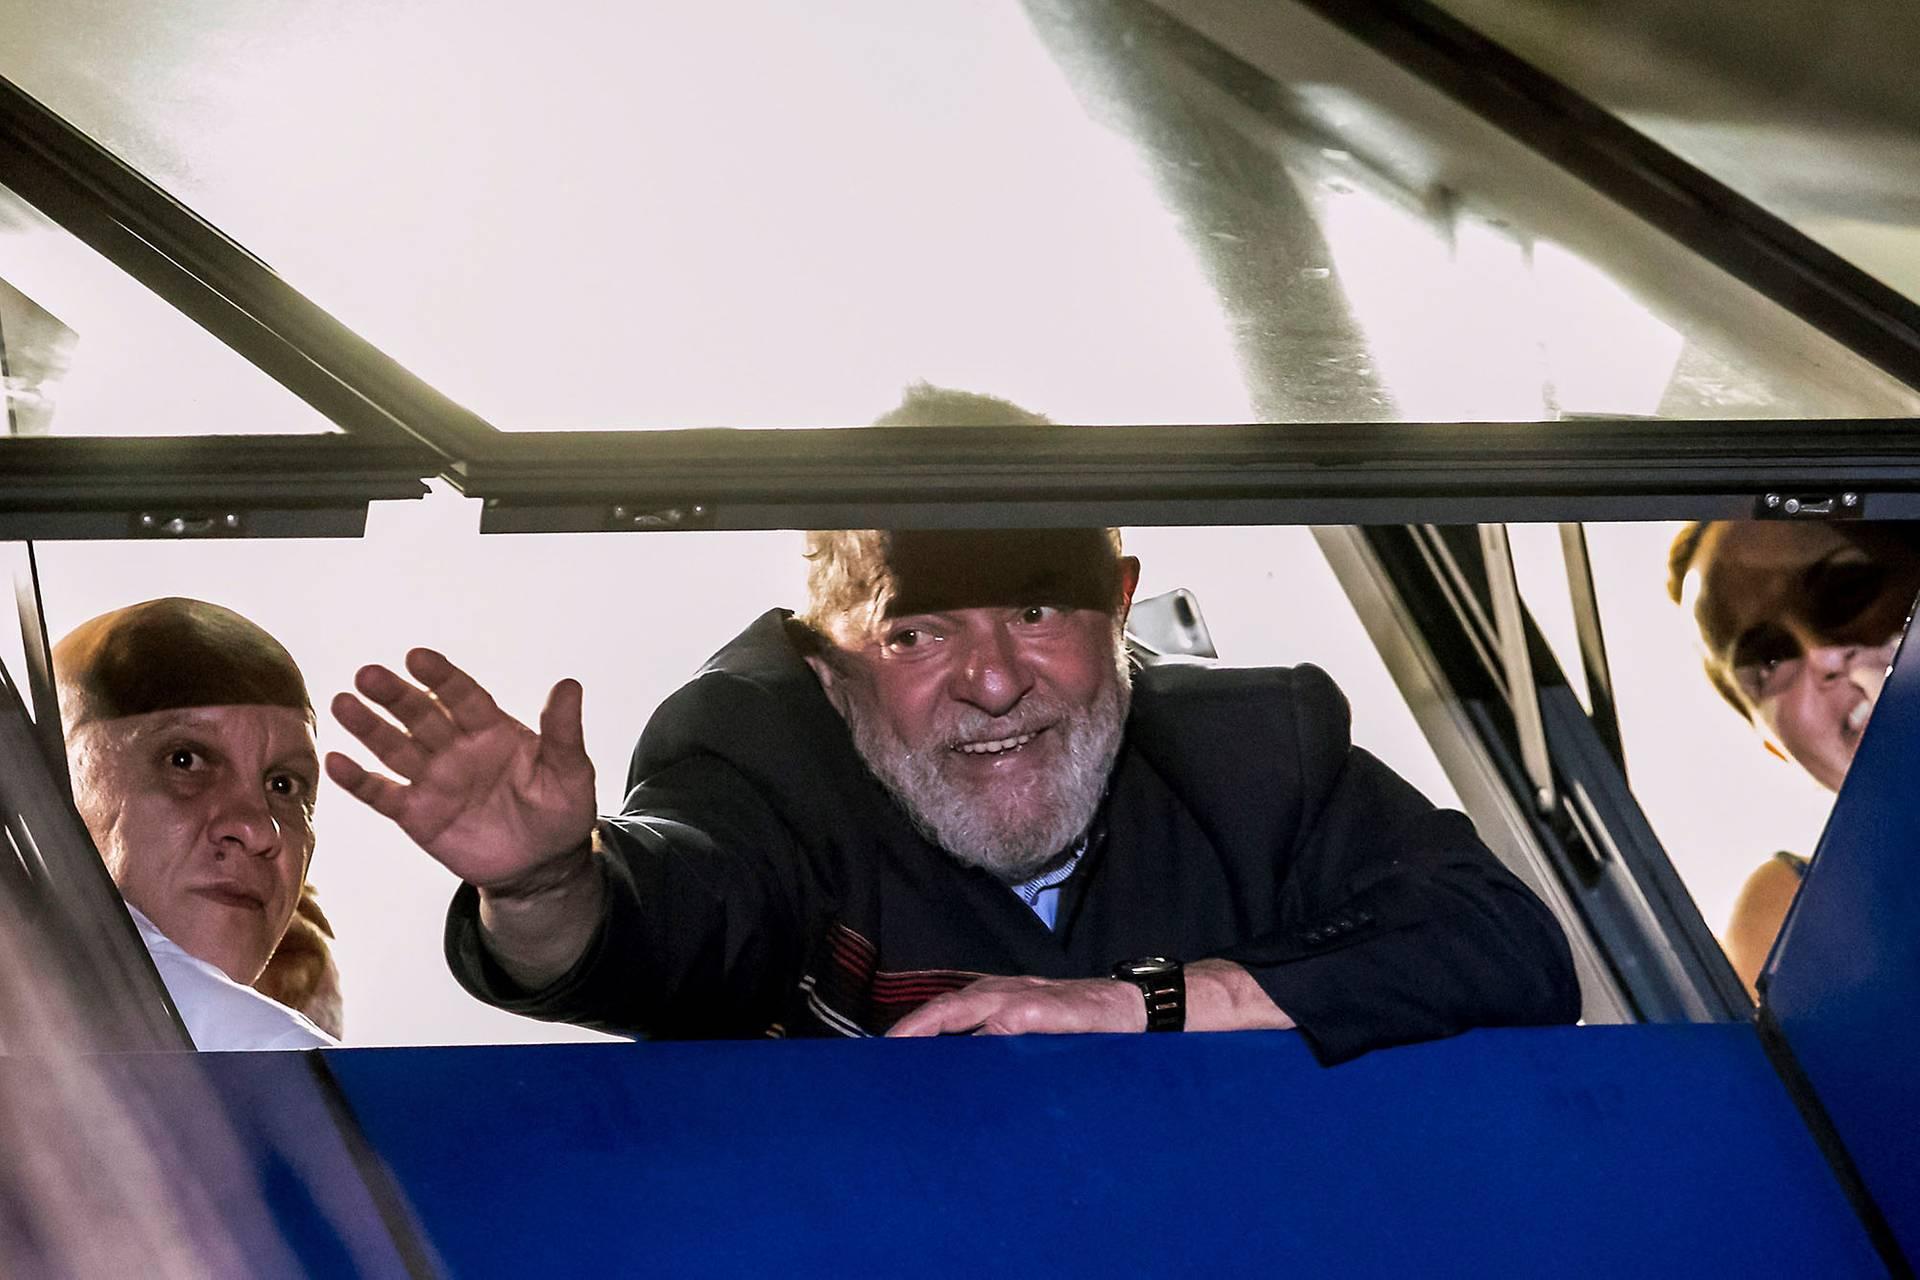 Колишній бразильський президент Лула да Сілва (в центрі) вітається із прихильниками з вікна в штаб-квартирі Робітничої партії (Workers' Party) у Сан-Бернарду-ду-Кампу, Бразилія, 6 квітня 2018 року. 12 липня 2017 року суд засудив да Сілву до 9,5 років в'язниці за участь у корупційній змові